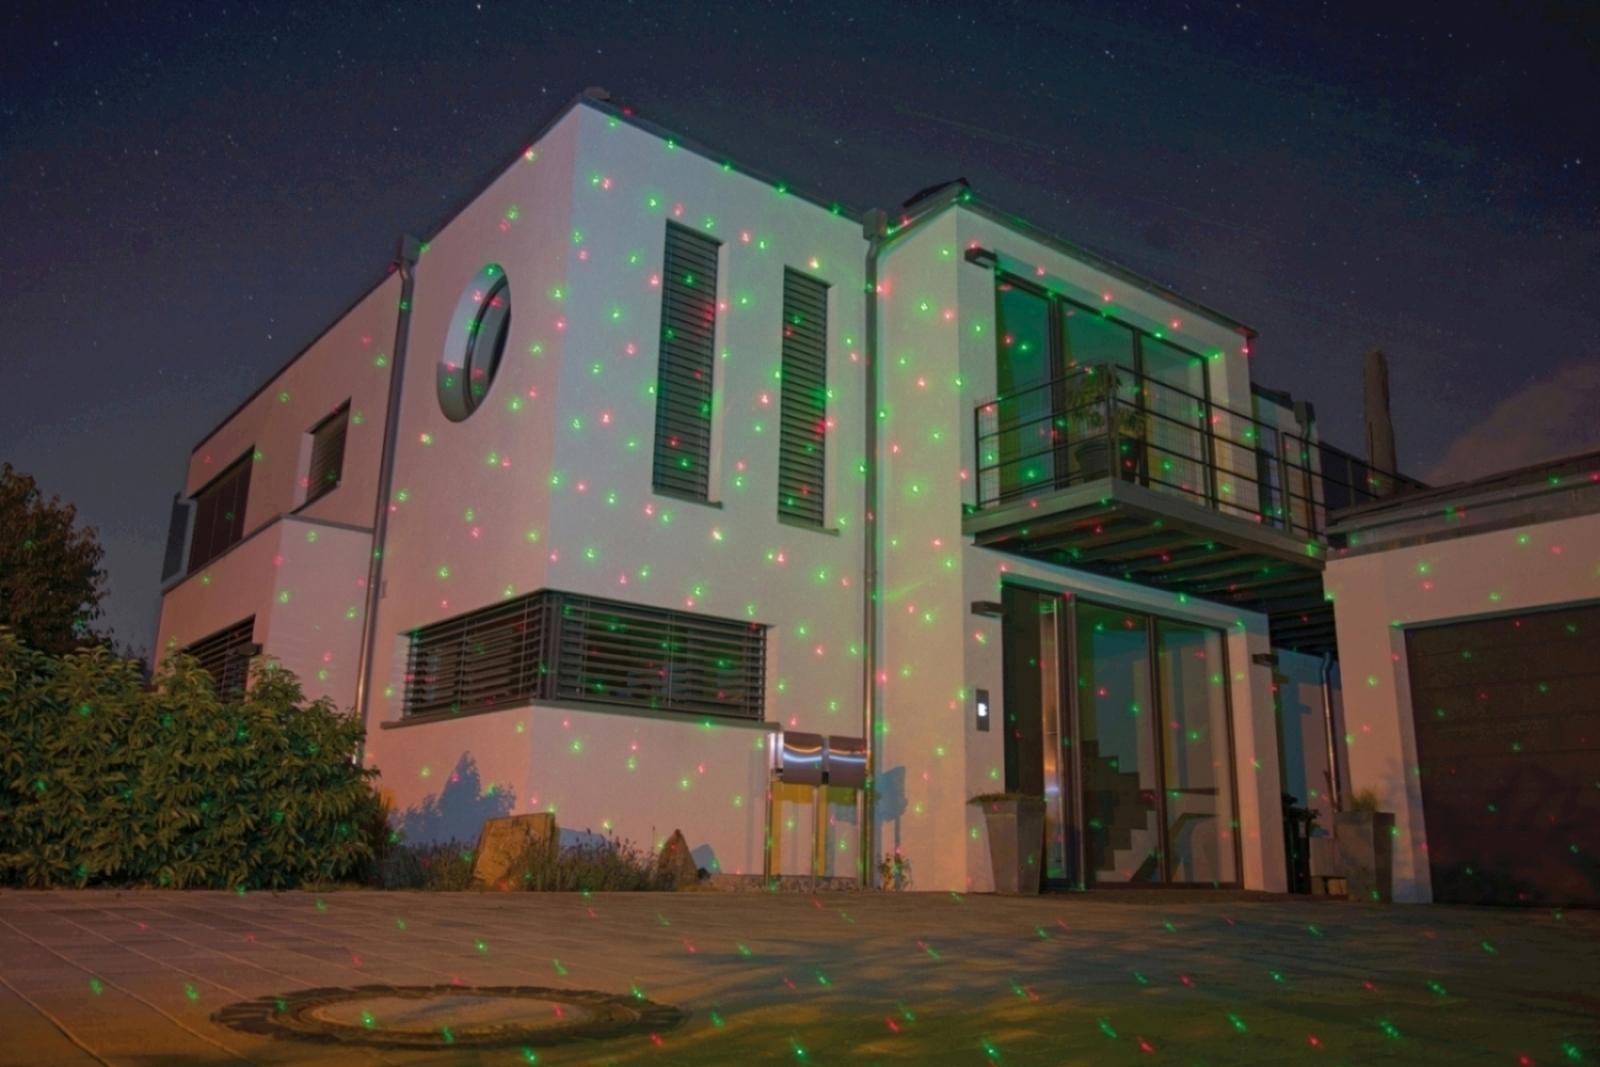 Lunartec Laser-Projektor mit Sternen-Regen-Lichteffekt